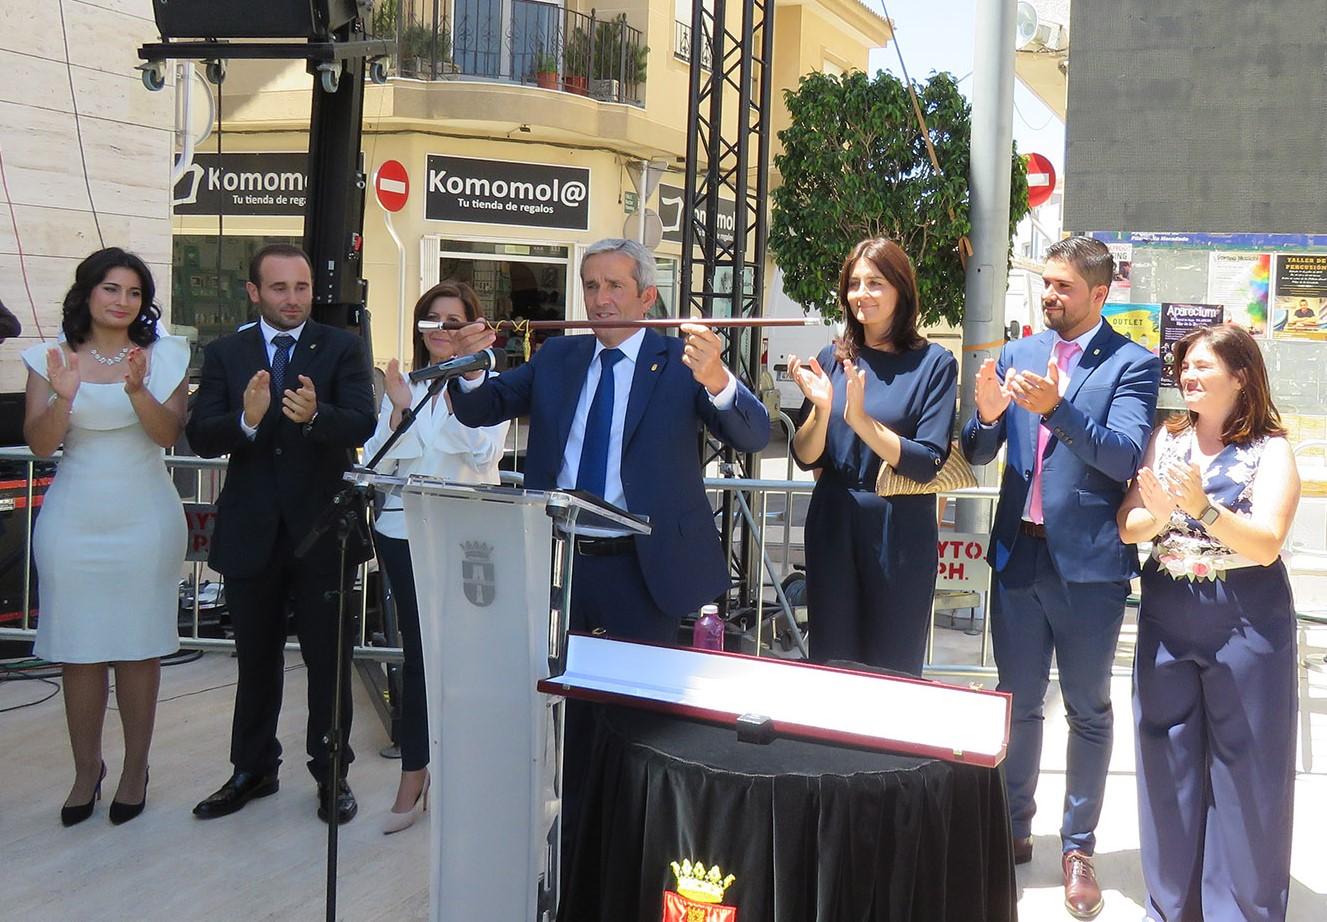 Local businessman José María Pérez Sánchez invested as the new mayor of Pilar de la Horadada